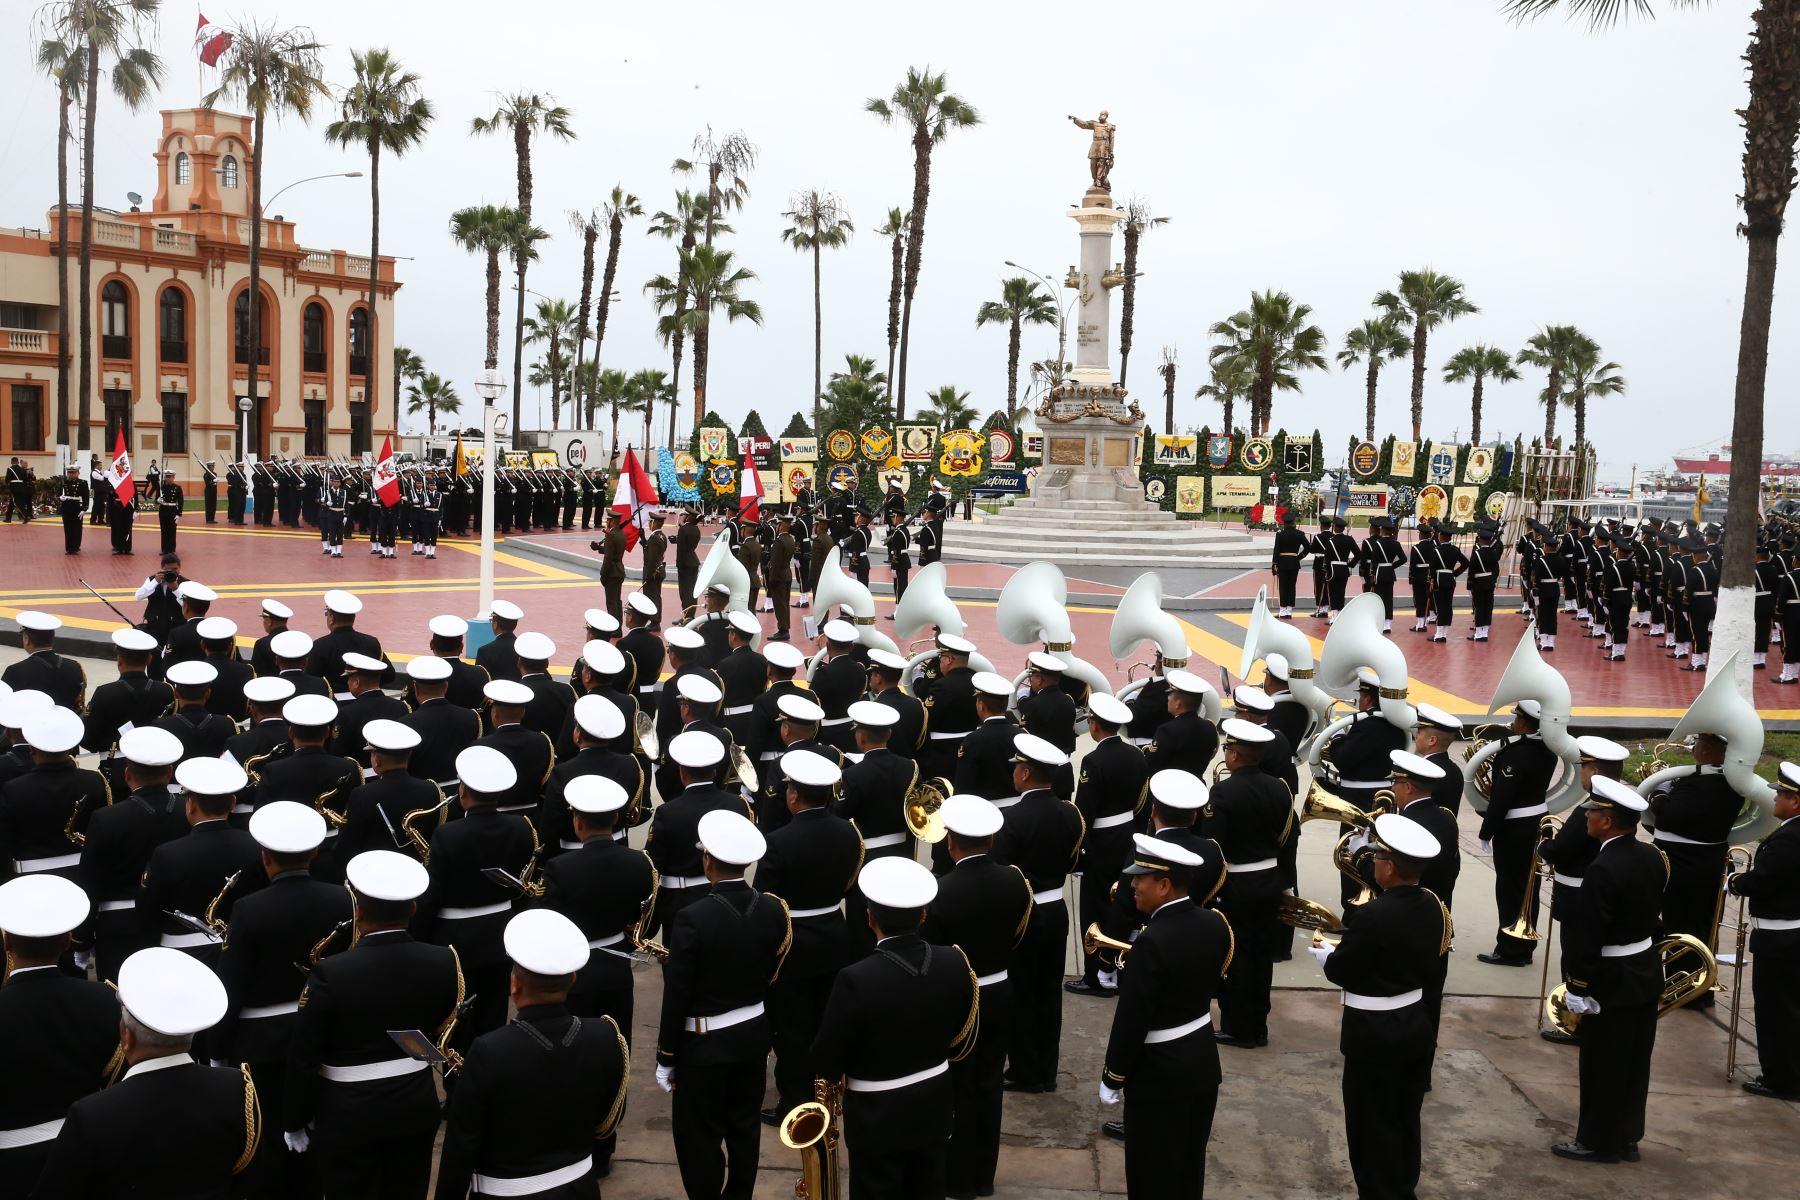 El Presidente Martin Vizcarra participa en  la ceremonia de conmemoración 198º del Combate de Angamos y el aniversario de la Marina de Guerra del Perú, en el ovalo Grau del Callao.Foto:ANDINA Vidal Tarqui